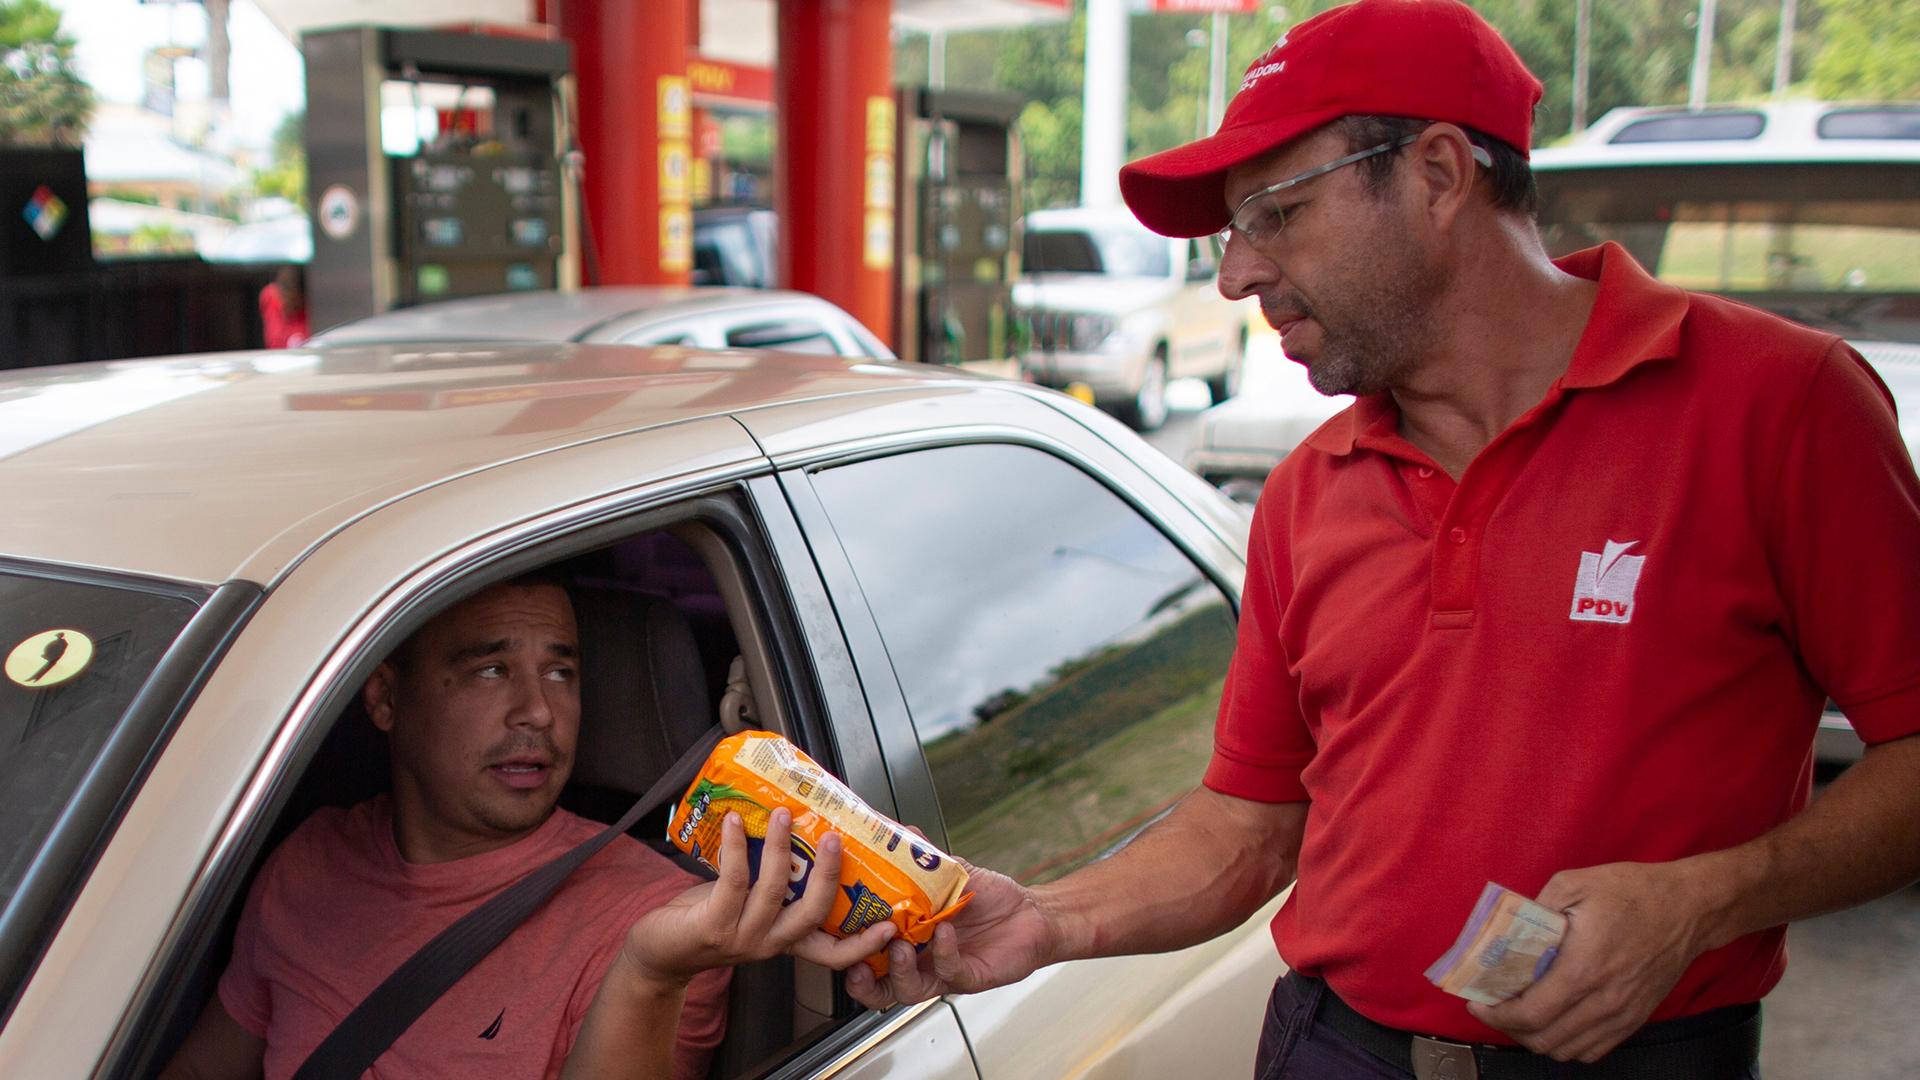 Venezuela vuelve al trueque sin dinero ni acceso a productos básicos